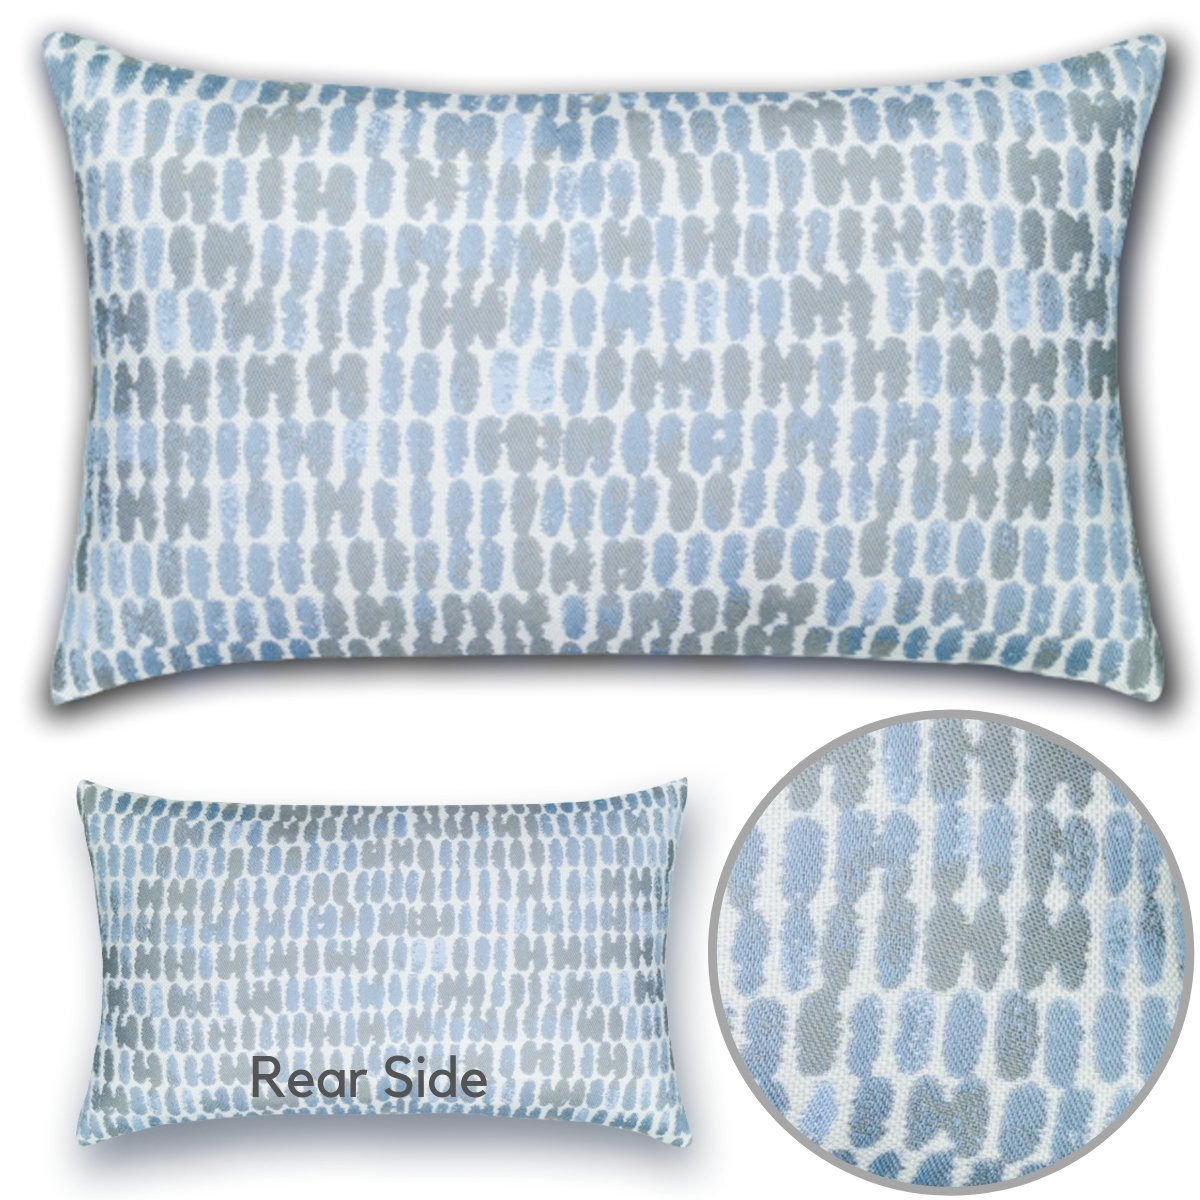 thumbprint-cloud-lumbar pillow